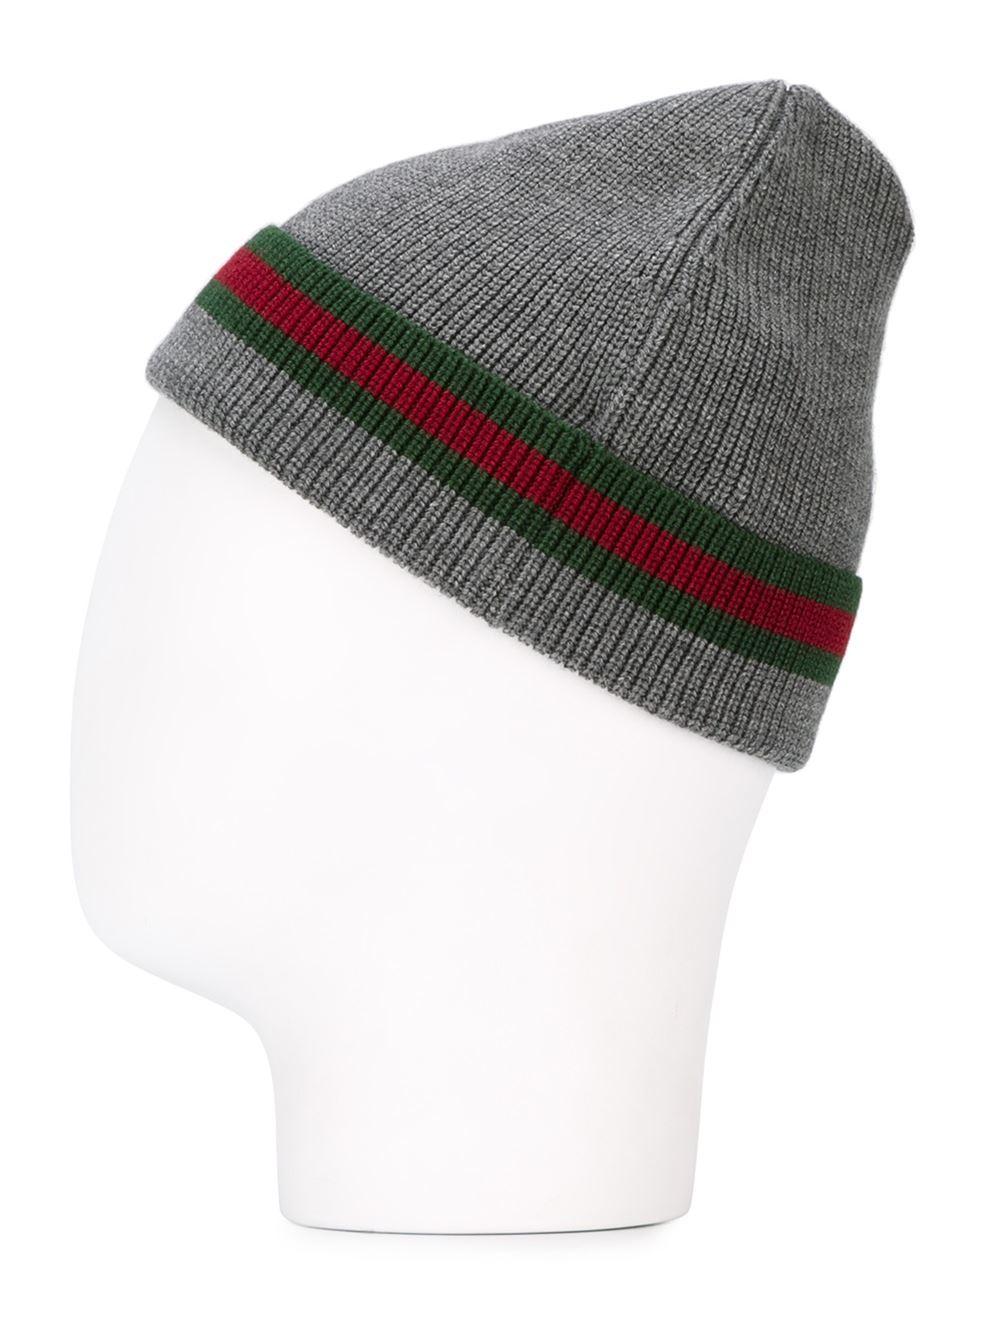 Lyst - Gucci Wool-silk Beanie Hat in Gray for Men 68ea773e5ba